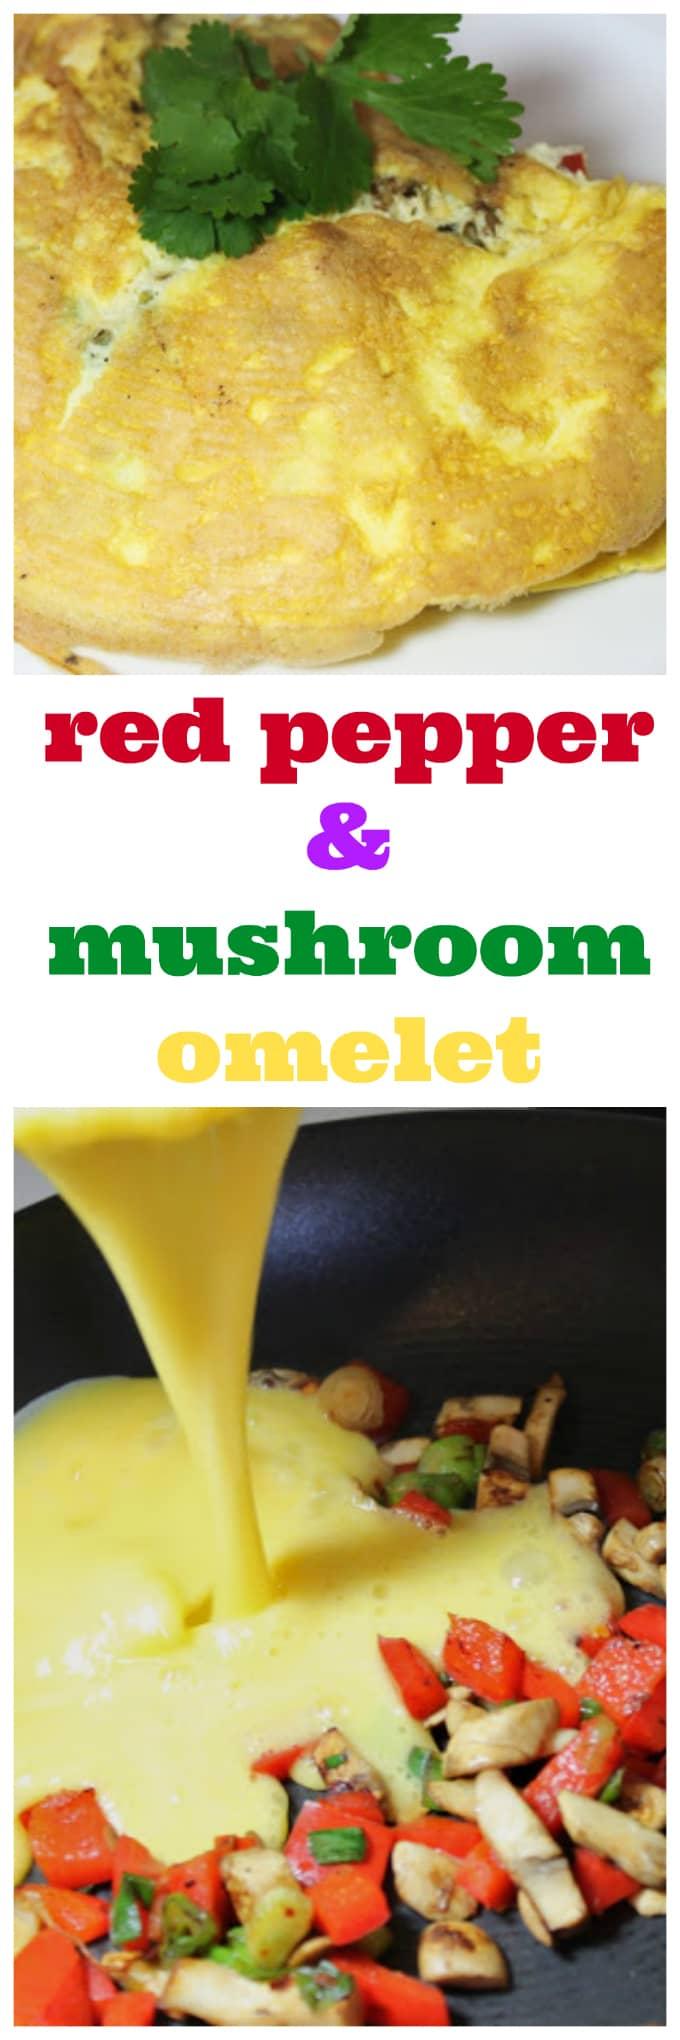 red pepper and mushroom omelet